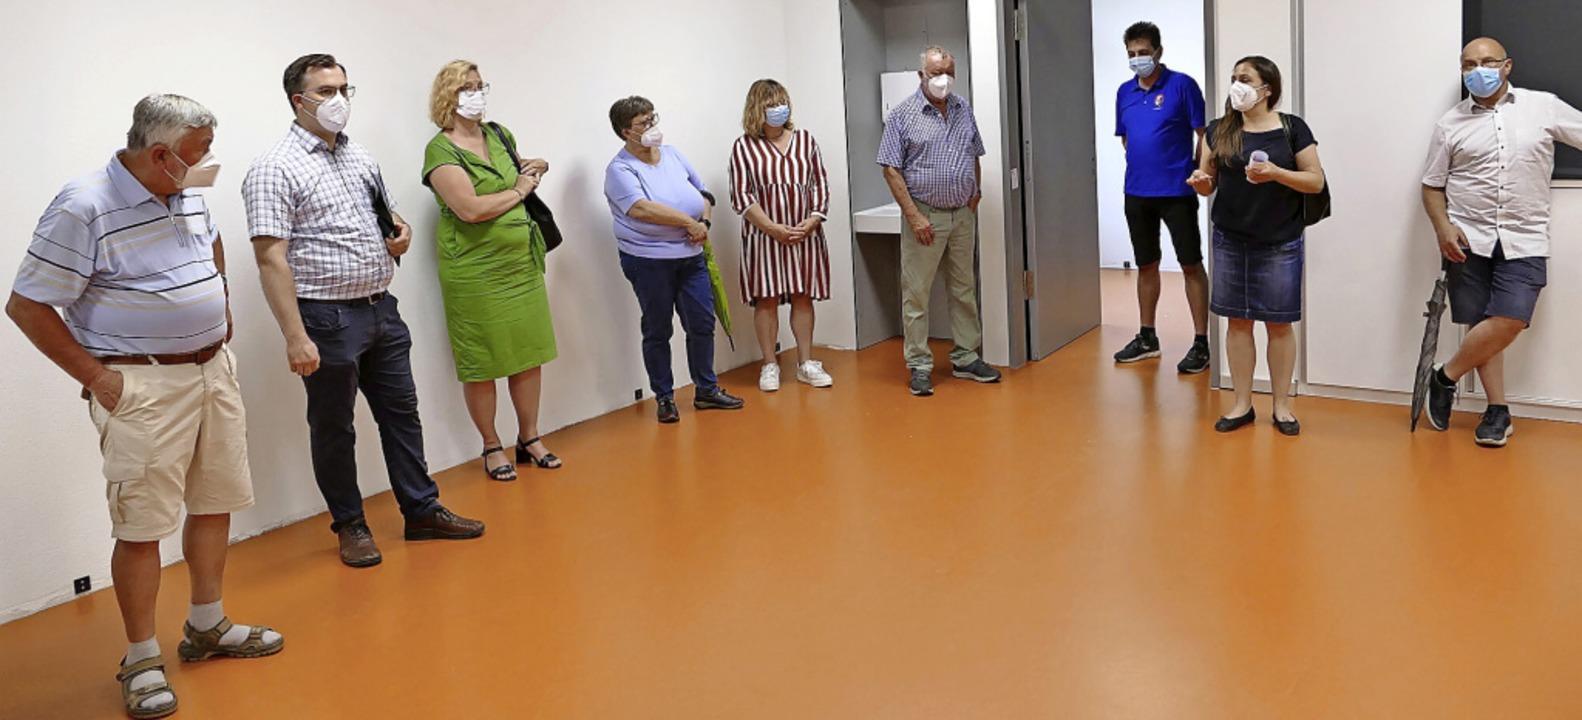 Interessierte Zuhörer auf orangenem Bo...fortschritt in der Hans-Thoma-Schule.   | Foto: Martin Köpfer